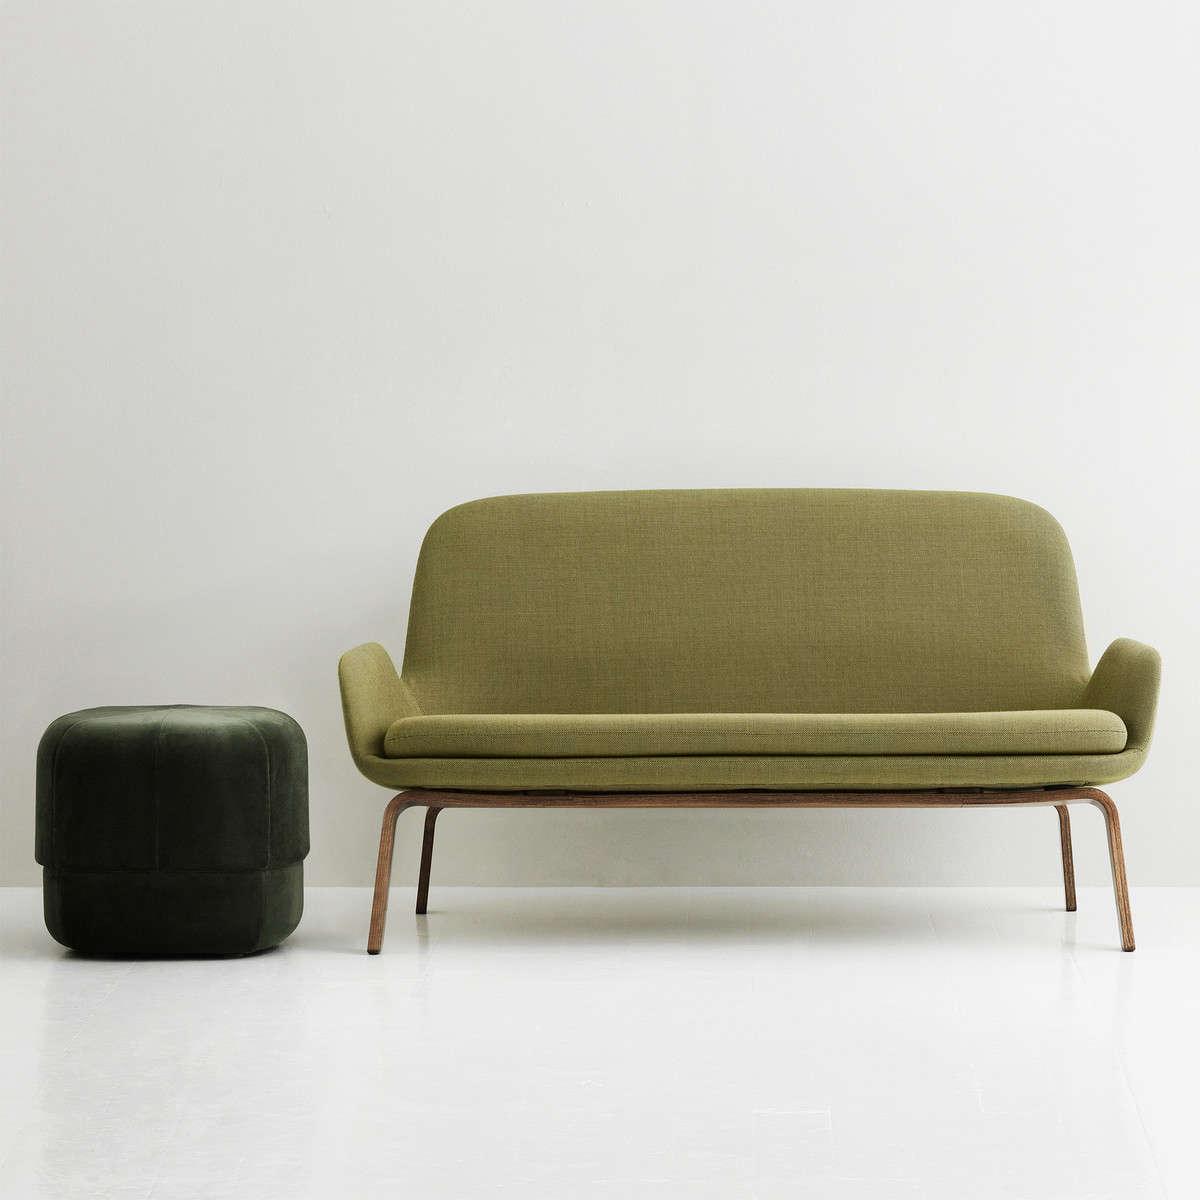 normann copenhagen era sofa remodelista 11